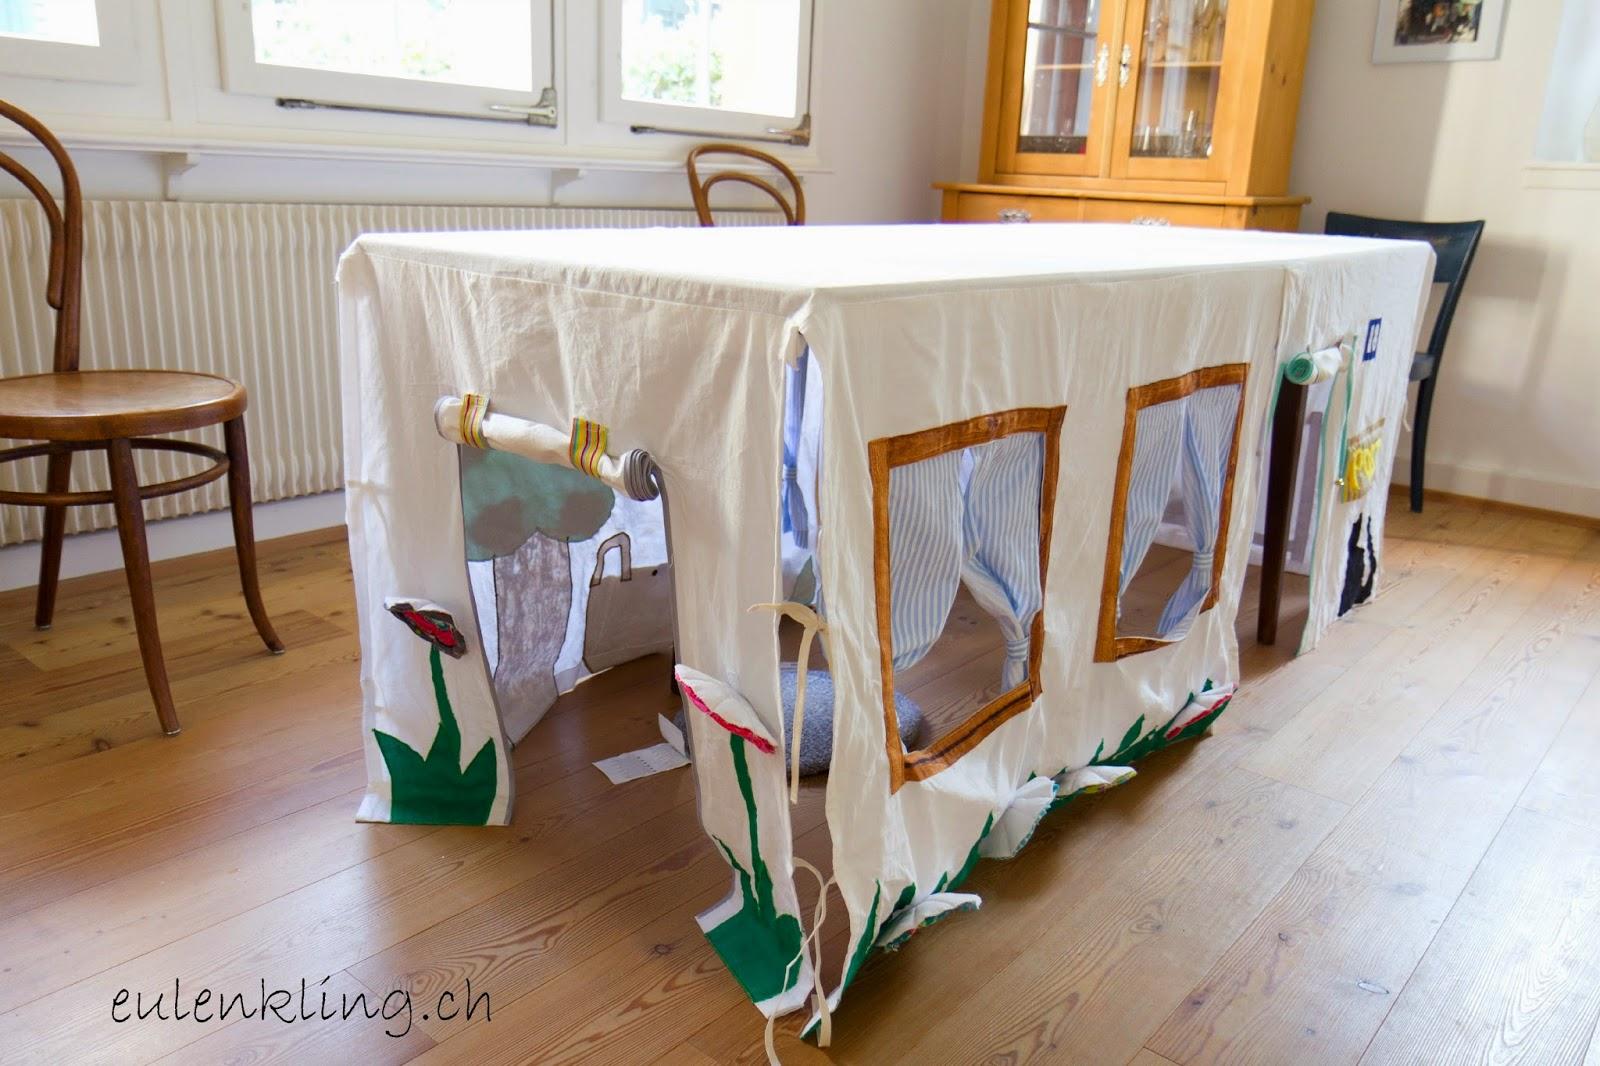 Ausgezeichnet Restaurant Tisch Zelt Vorlage Bilder - Entry Level ...